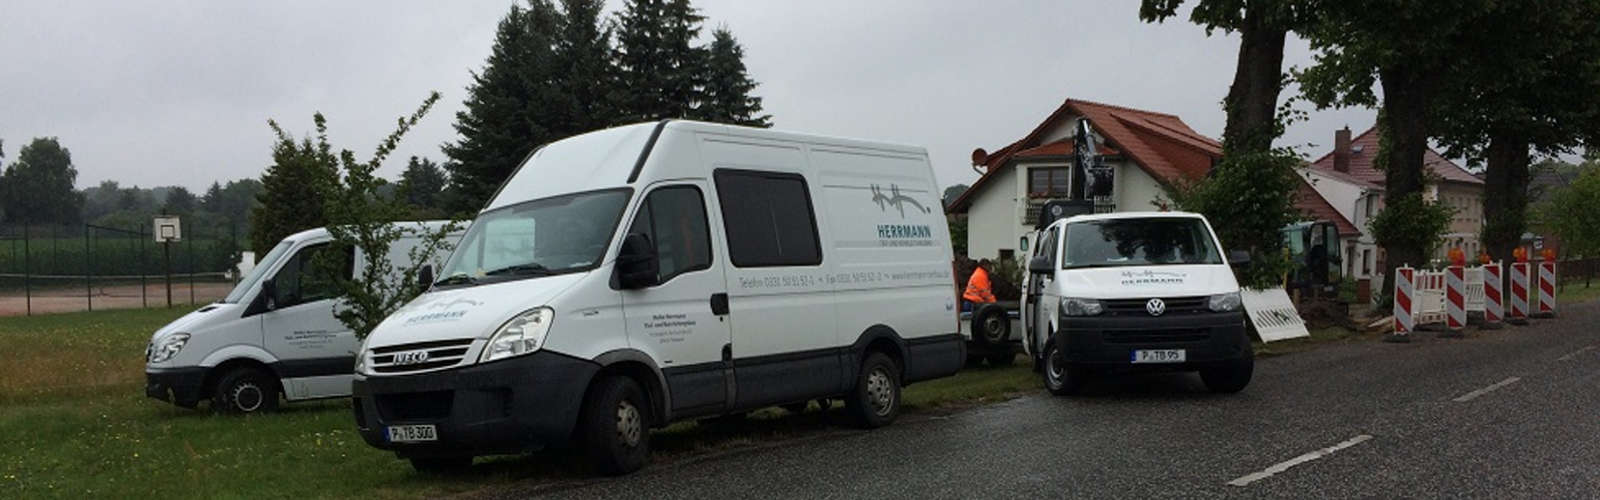 Firmenfahrzeuge der Heiko Herrmann Tief- & Rohrleitungsbau GmbH